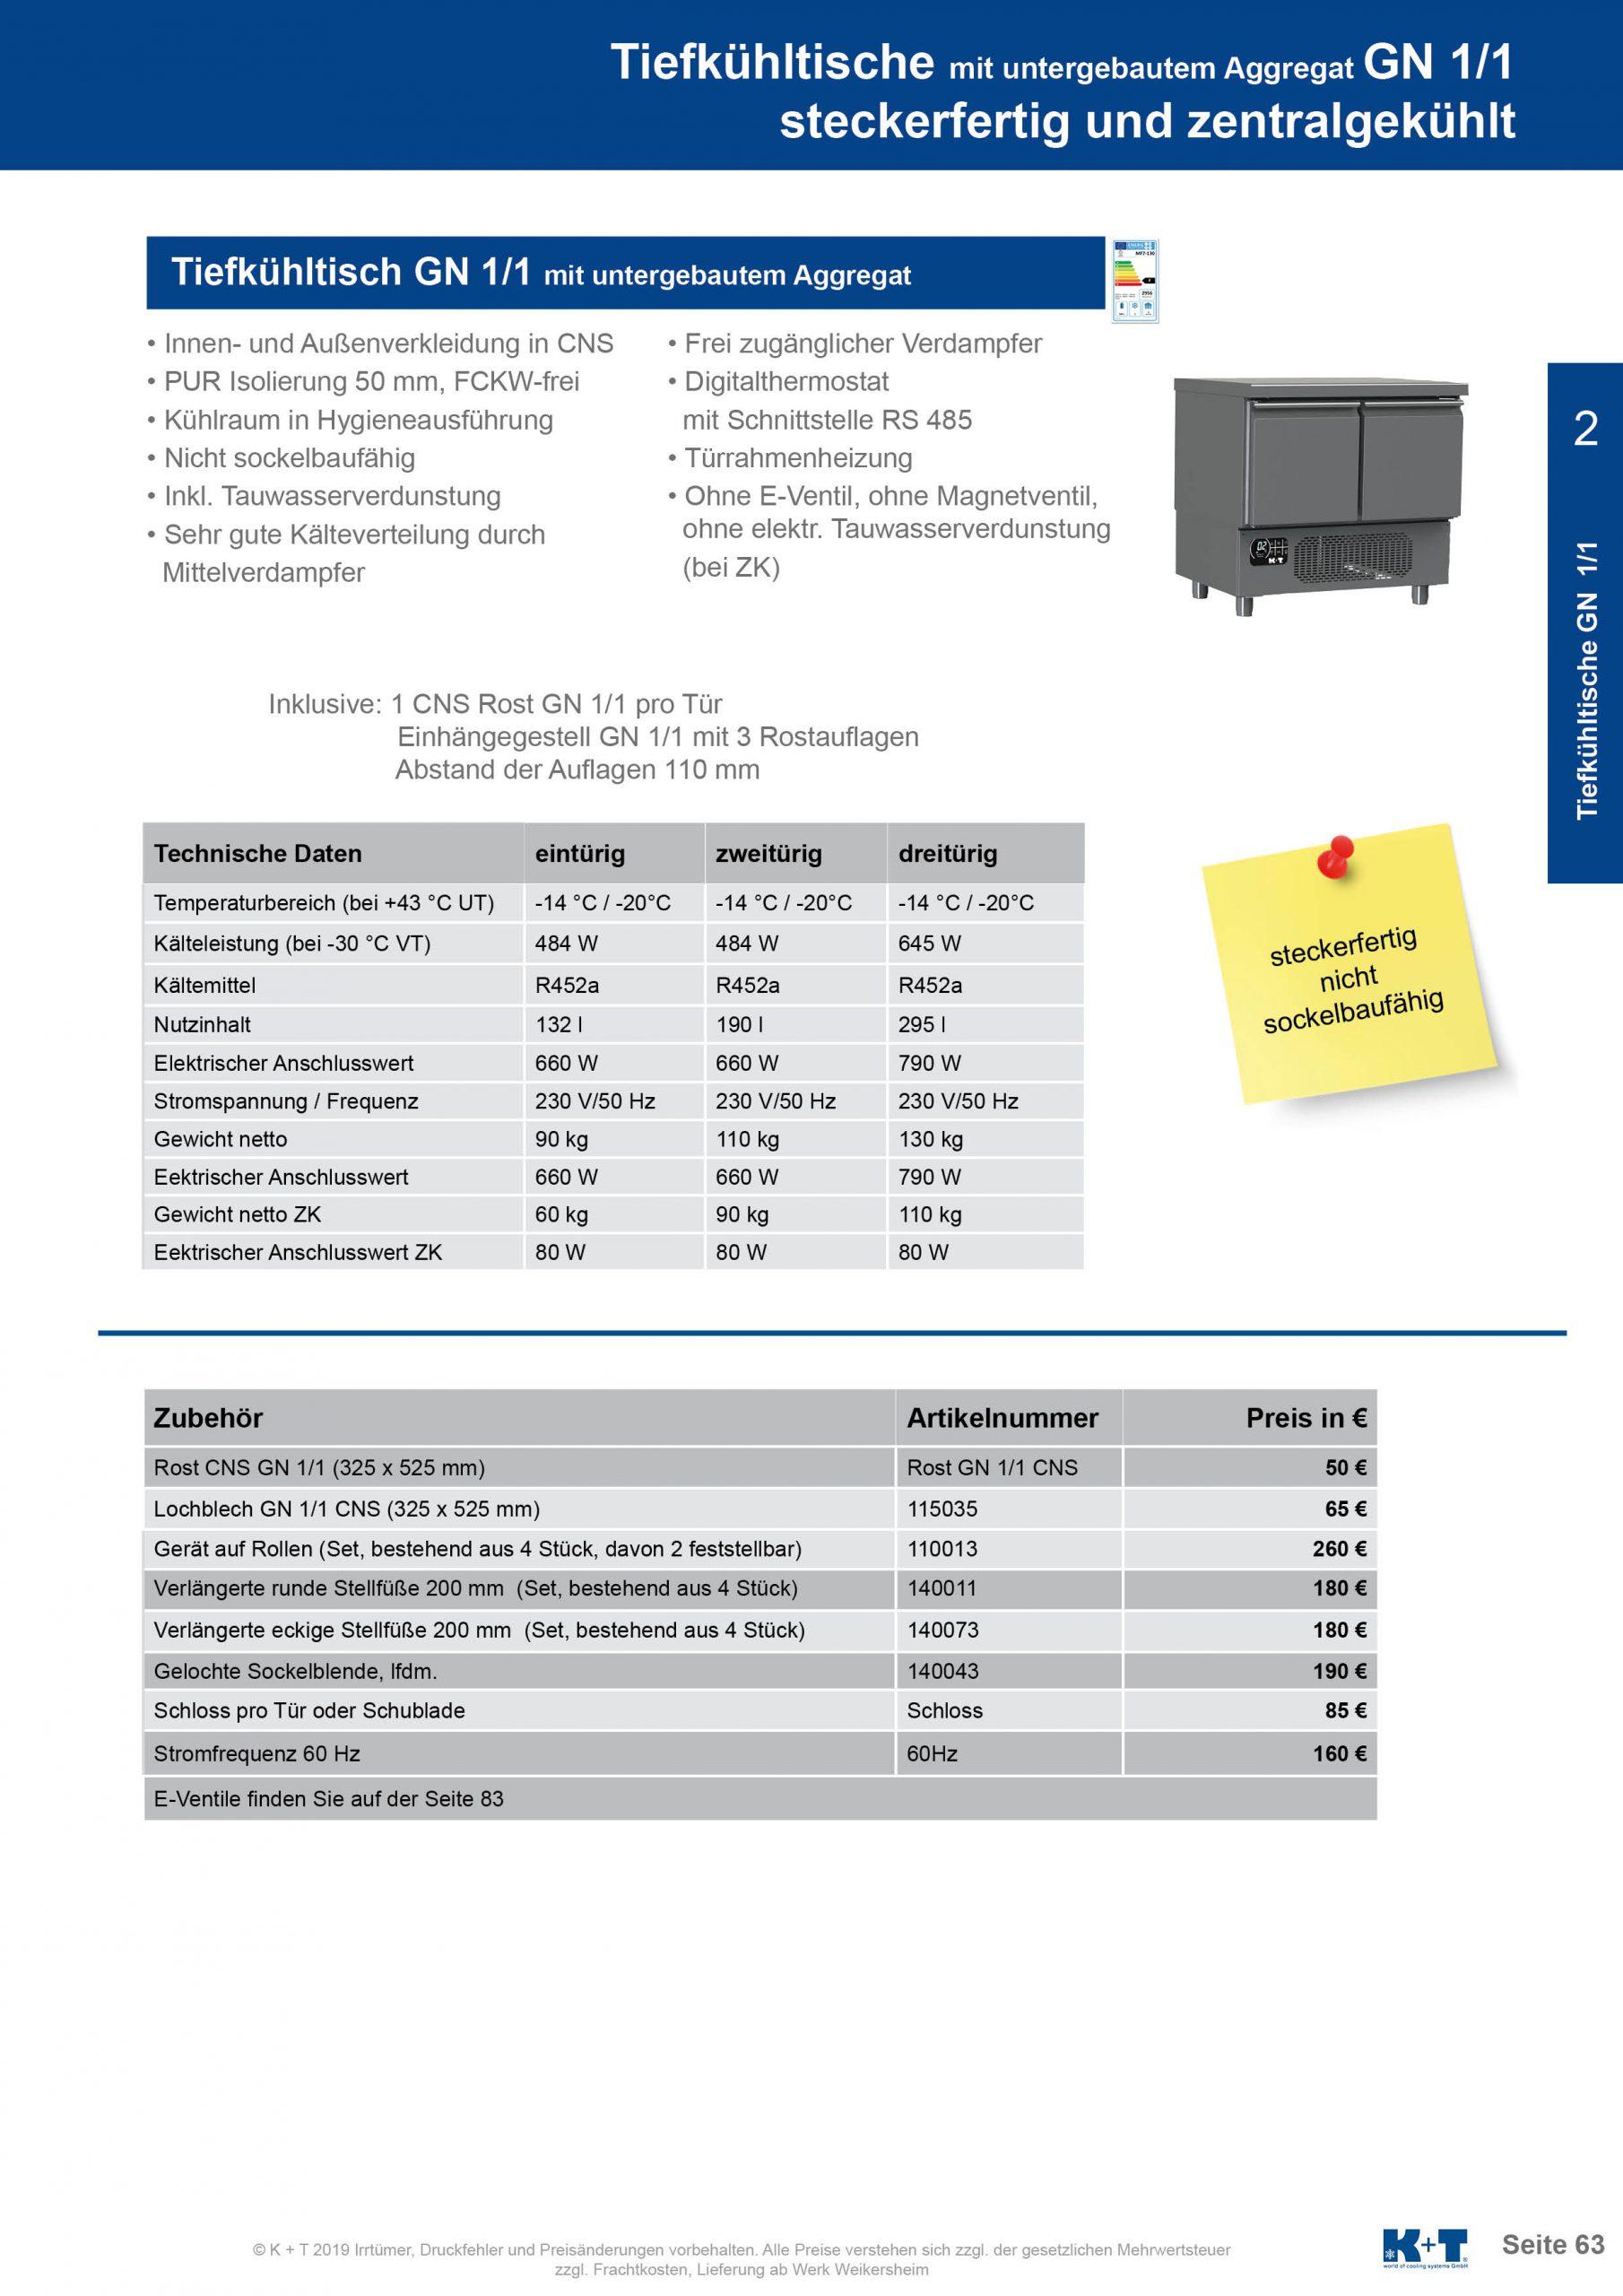 Tiefkühltisch mit untergebautem Aggregat steckerfertig 2